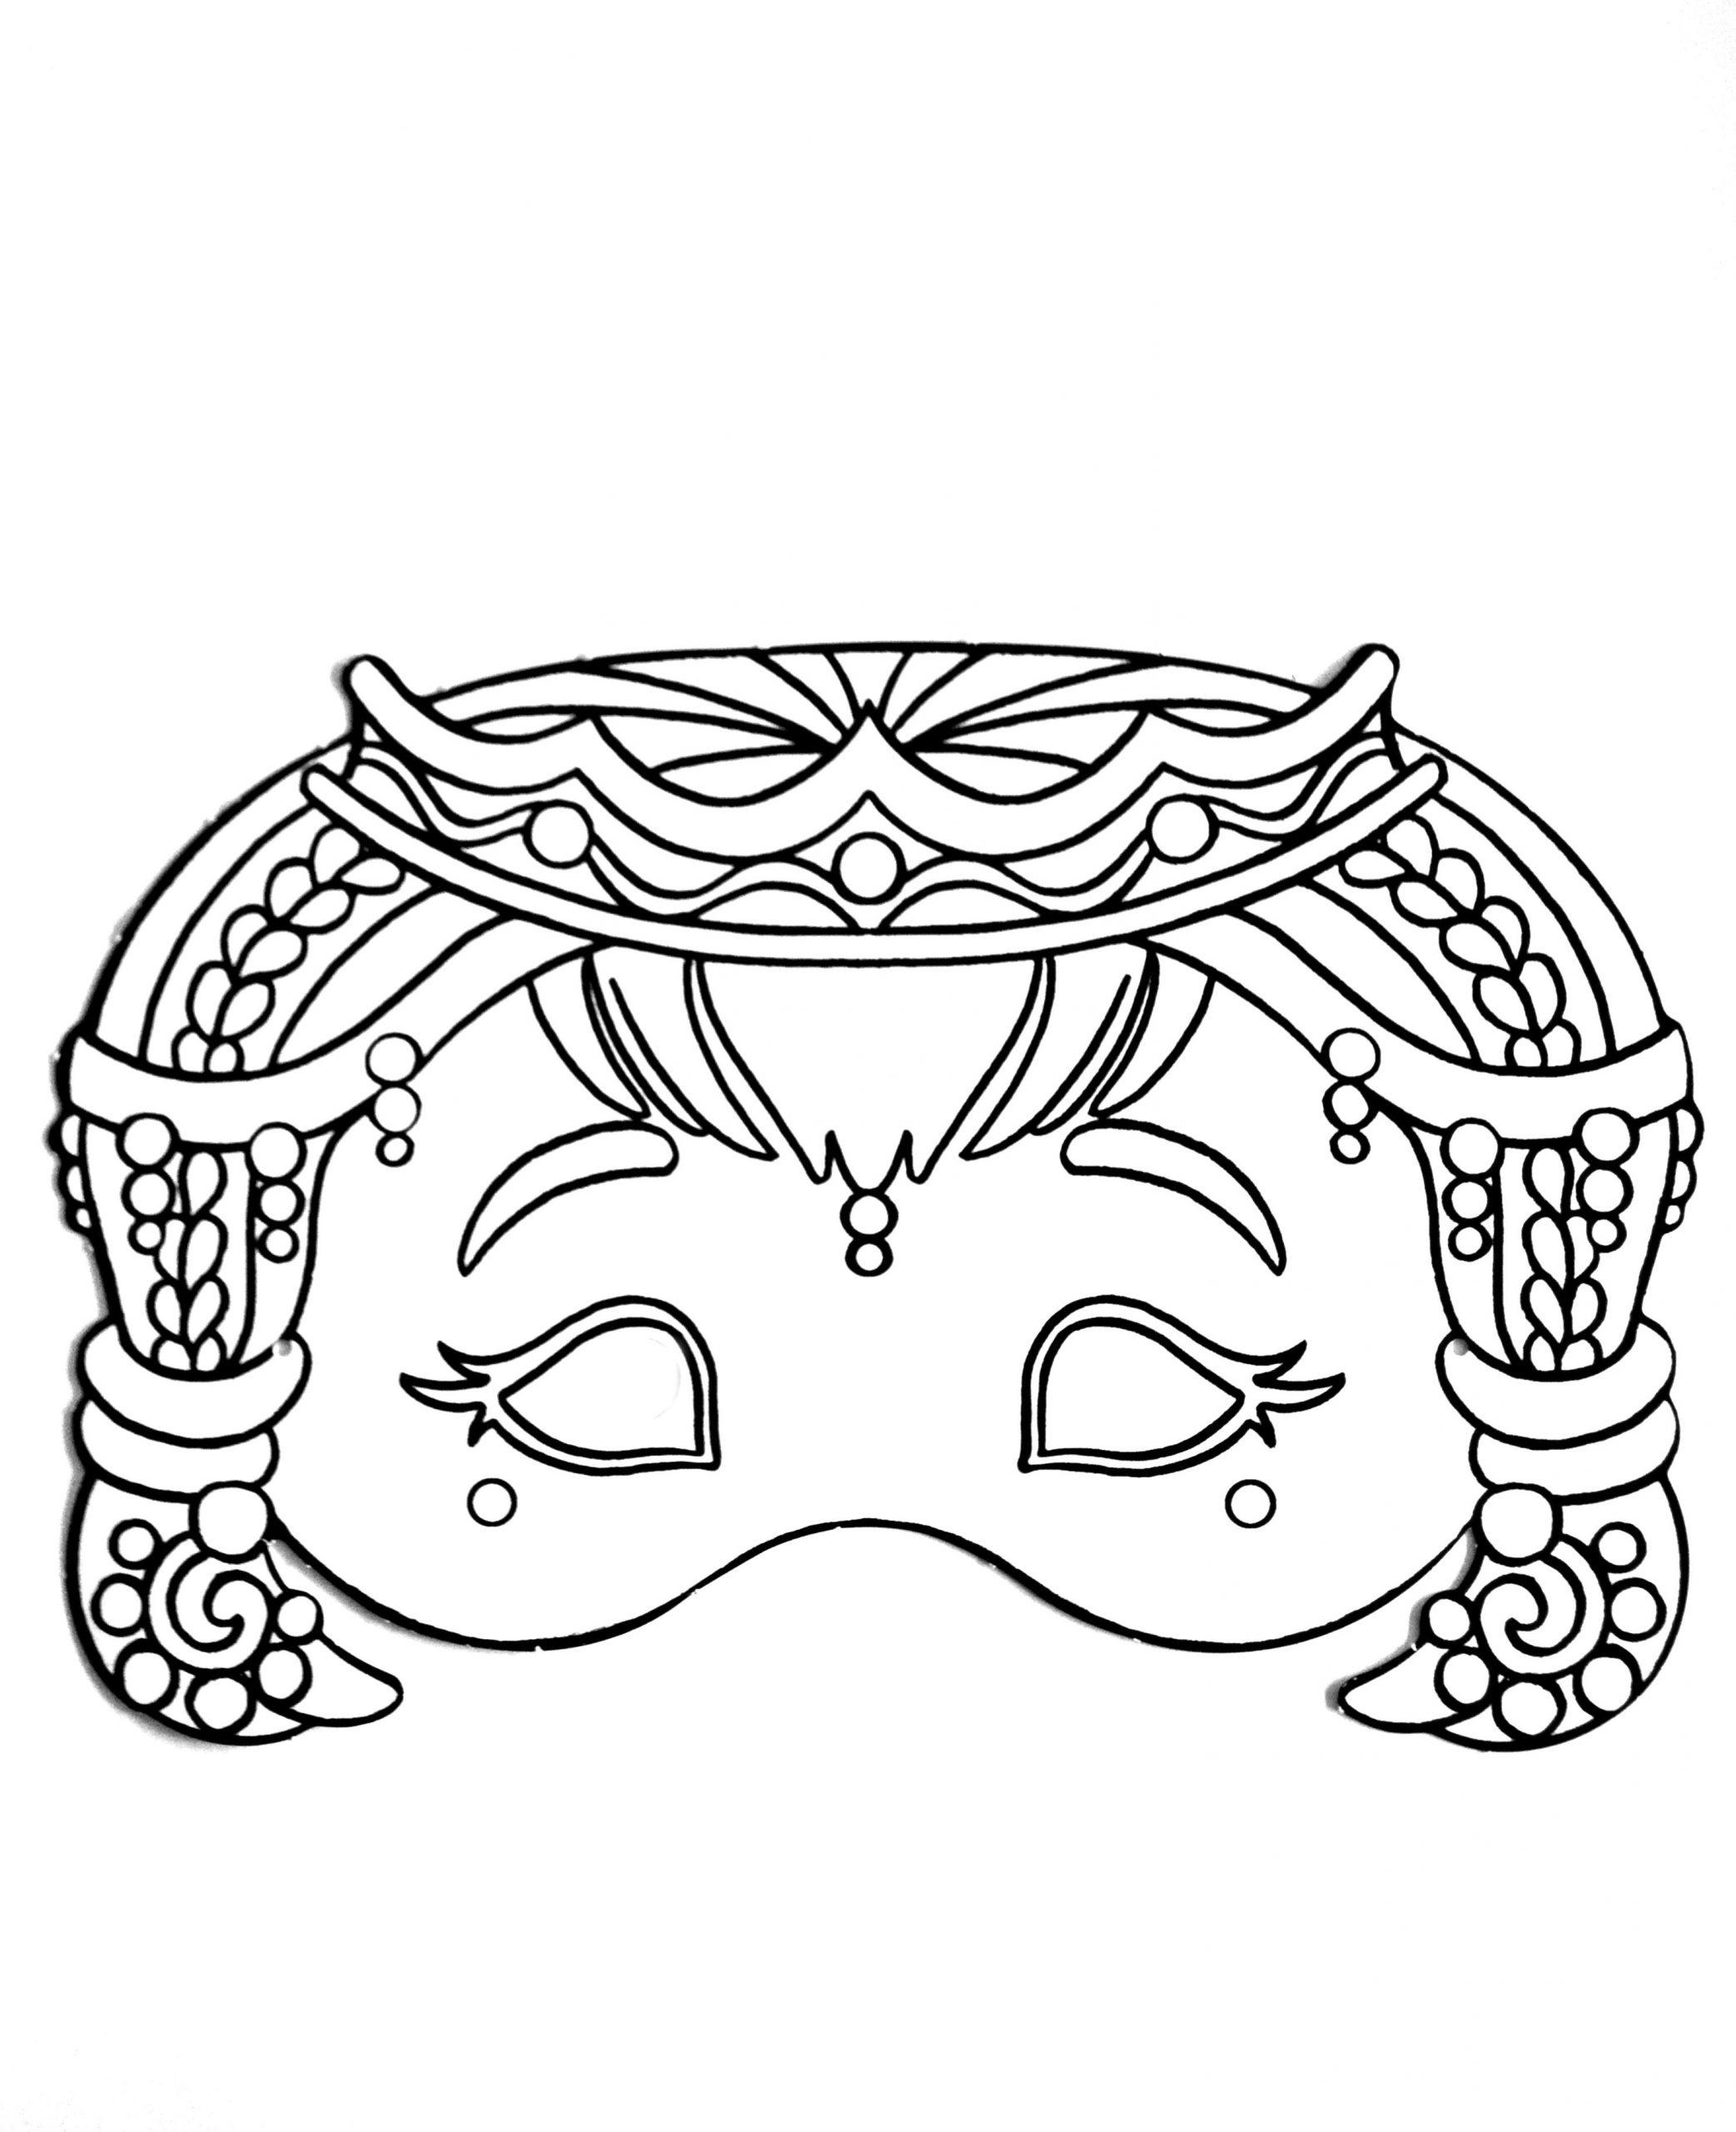 Masque De Carnaval À Décorer - Coloriage De Masques à Masque Enfant A Colorier